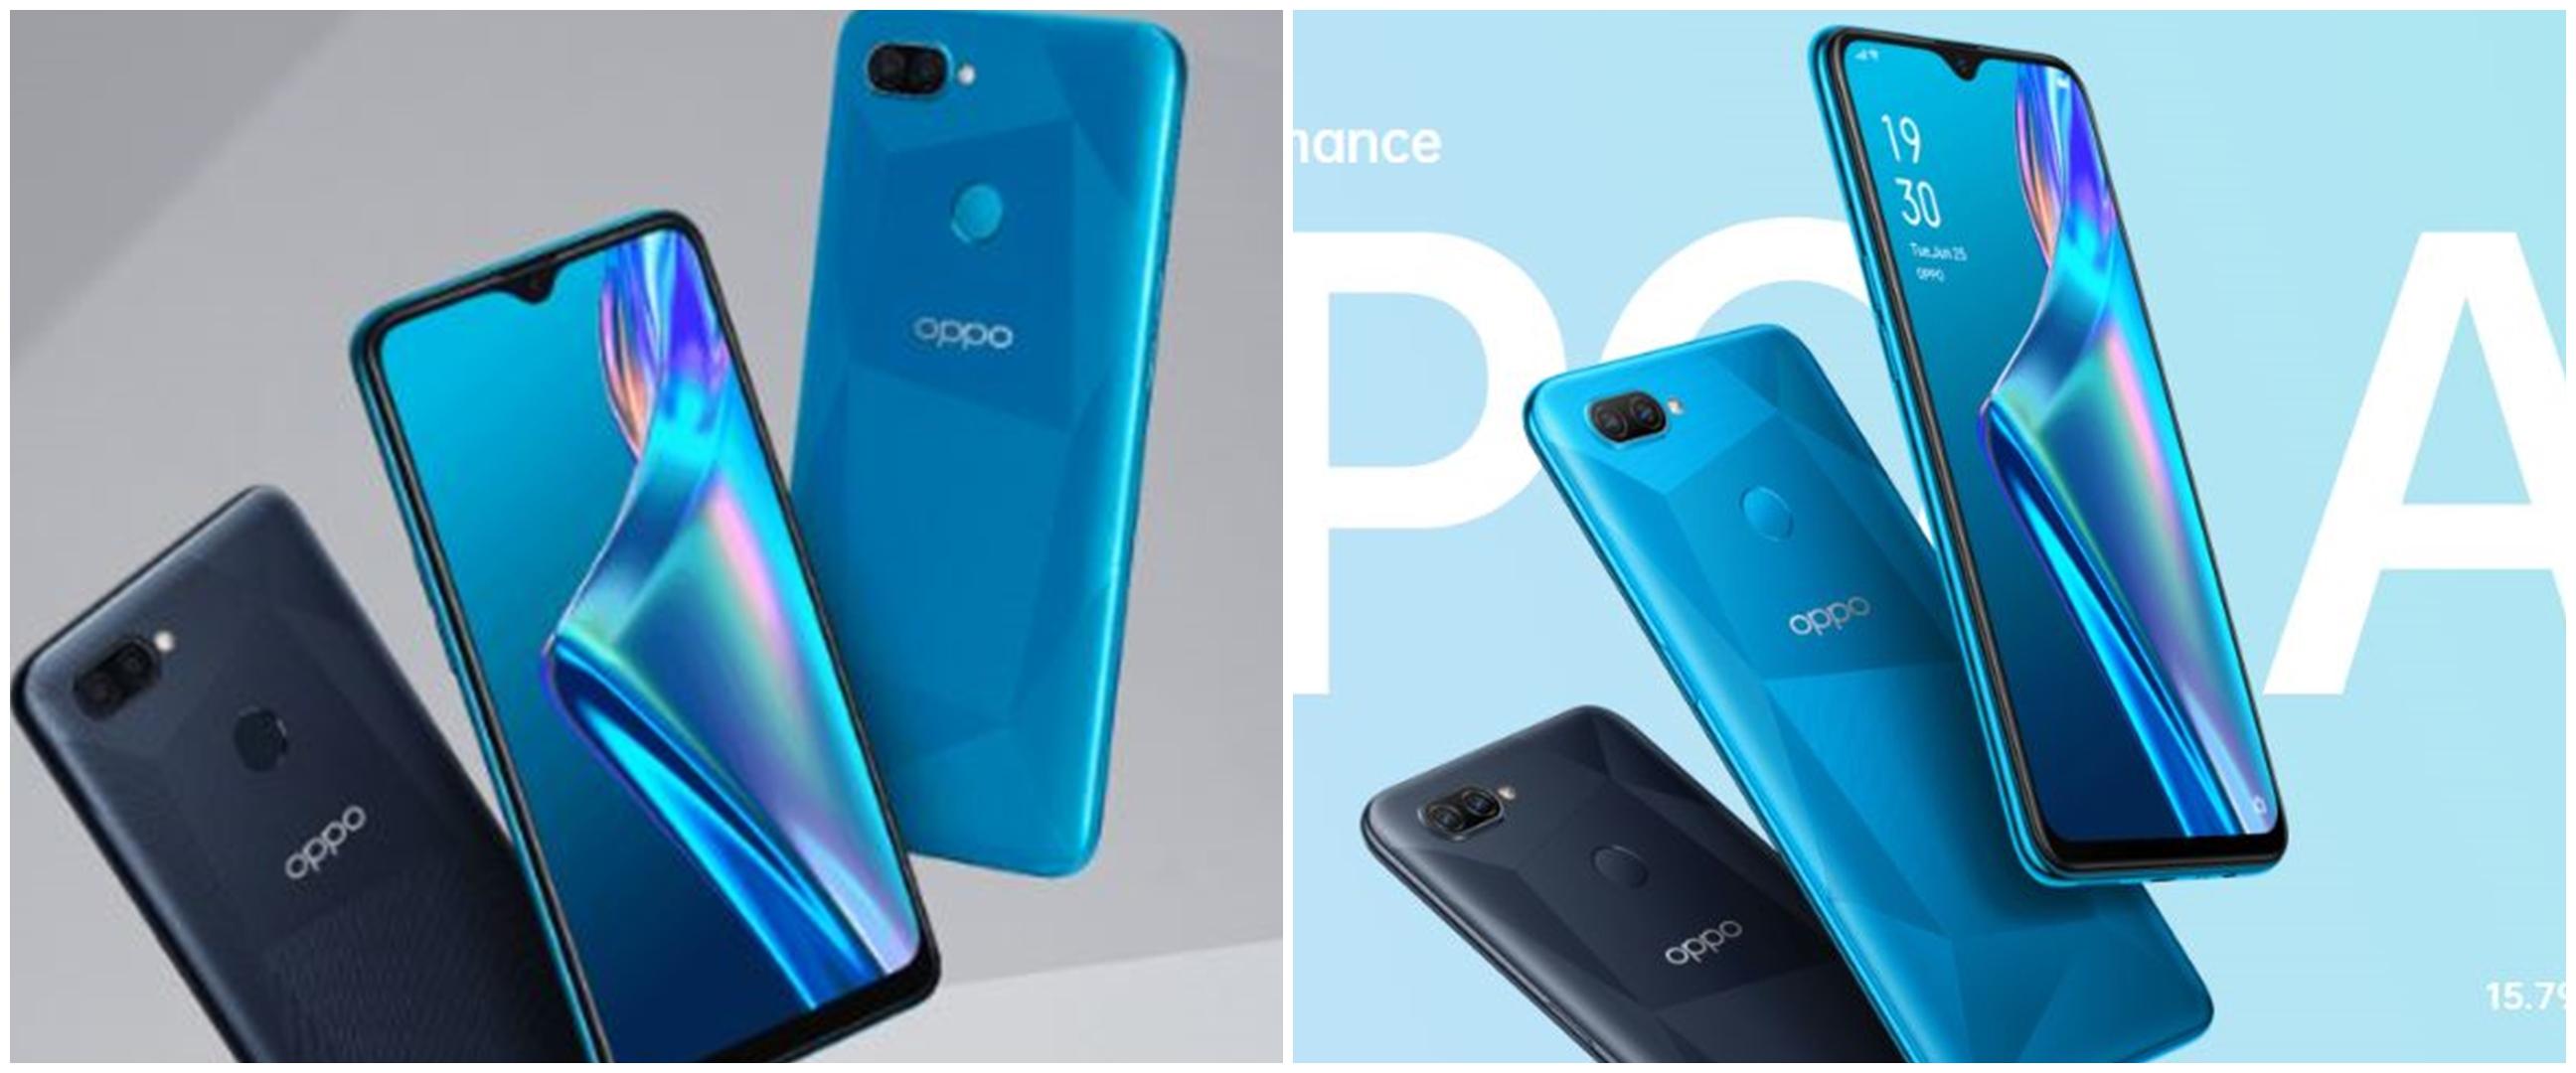 Harga Oppo A12 beserta spesifikasi, kelebihan, dan kekurangannya